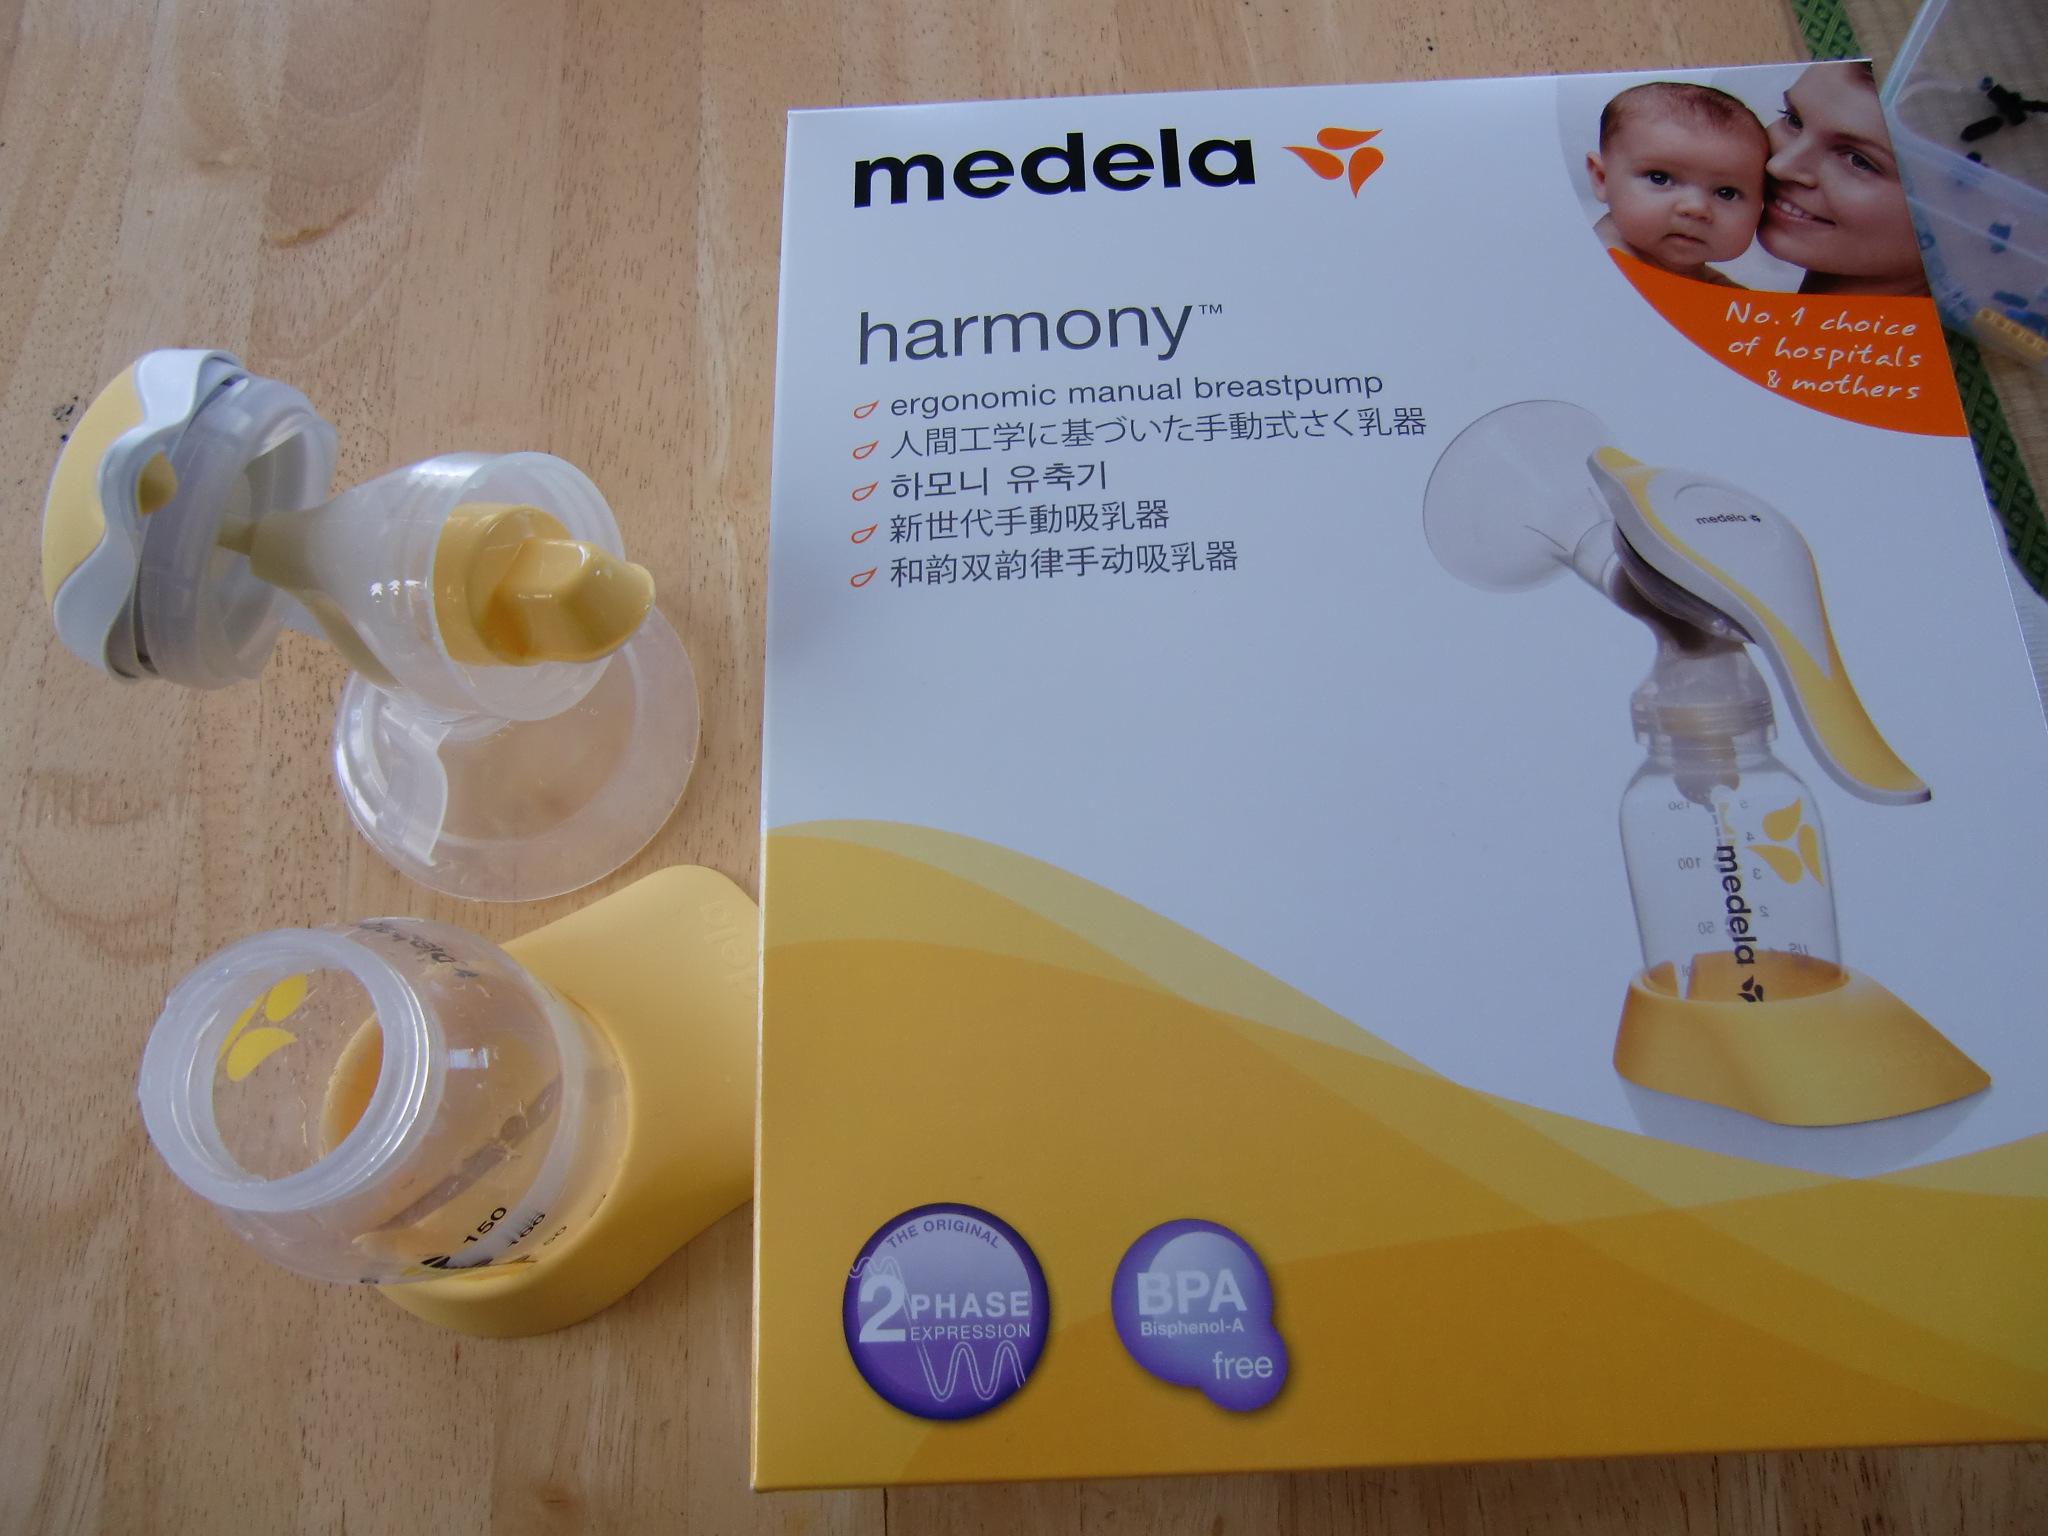 新生児 育児 成長記録 搾乳器